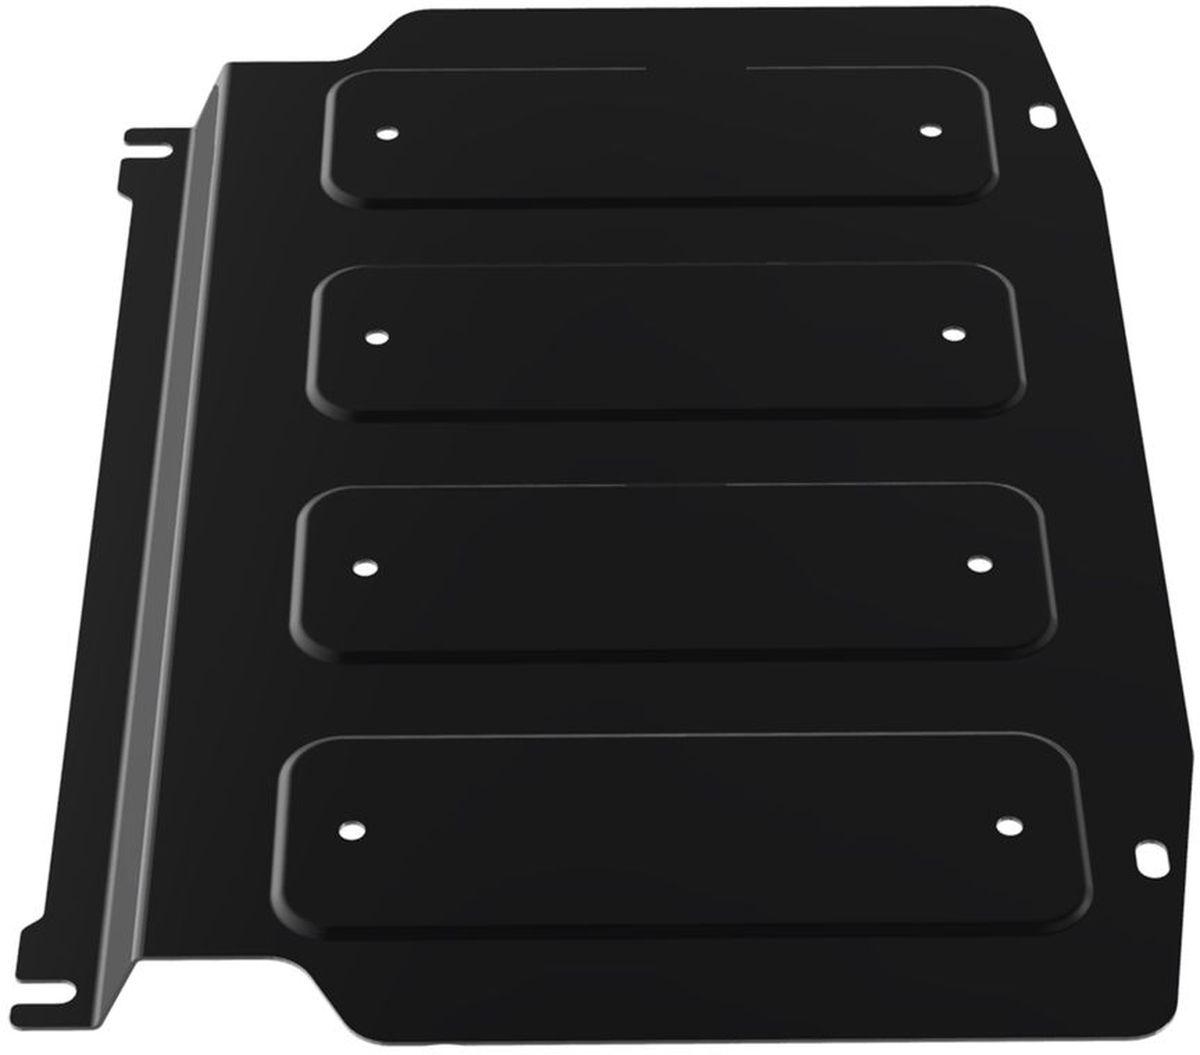 Защита картера и КПП Автоброня, для Mitsubishi Pajero III/Pajero IV. 111.04003.2111.04003.2Технологически совершенный продукт за невысокую стоимость. Защита разработана с учетом особенностей днища автомобиля, что позволяет сохранить дорожный просвет с минимальным изменением. Защита устанавливается в штатные места кузова автомобиля. Глубокий штамп обеспечивает до двух раз больше жесткости в сравнении с обычной защитой той же толщины. Проштампованные ребра жесткости препятствуют деформации защиты при ударах. Тепловой зазор и вентиляционные отверстия обеспечивают сохранение температурного режима двигателя в норме. Скрытый крепеж предотвращает срыв крепежных элементов при наезде на препятствие. Шумопоглощающие резиновые элементы обеспечивают комфортную езду без вибраций и скрежета металла, а съемные лючки для слива масла и замены фильтра - экономию средств и время. Конструкция изделия не влияет на пассивную безопасность автомобиля (при ударе защита не воздействует на деформационные зоны кузова). Со штатным крепежом. В комплекте инструкция по...